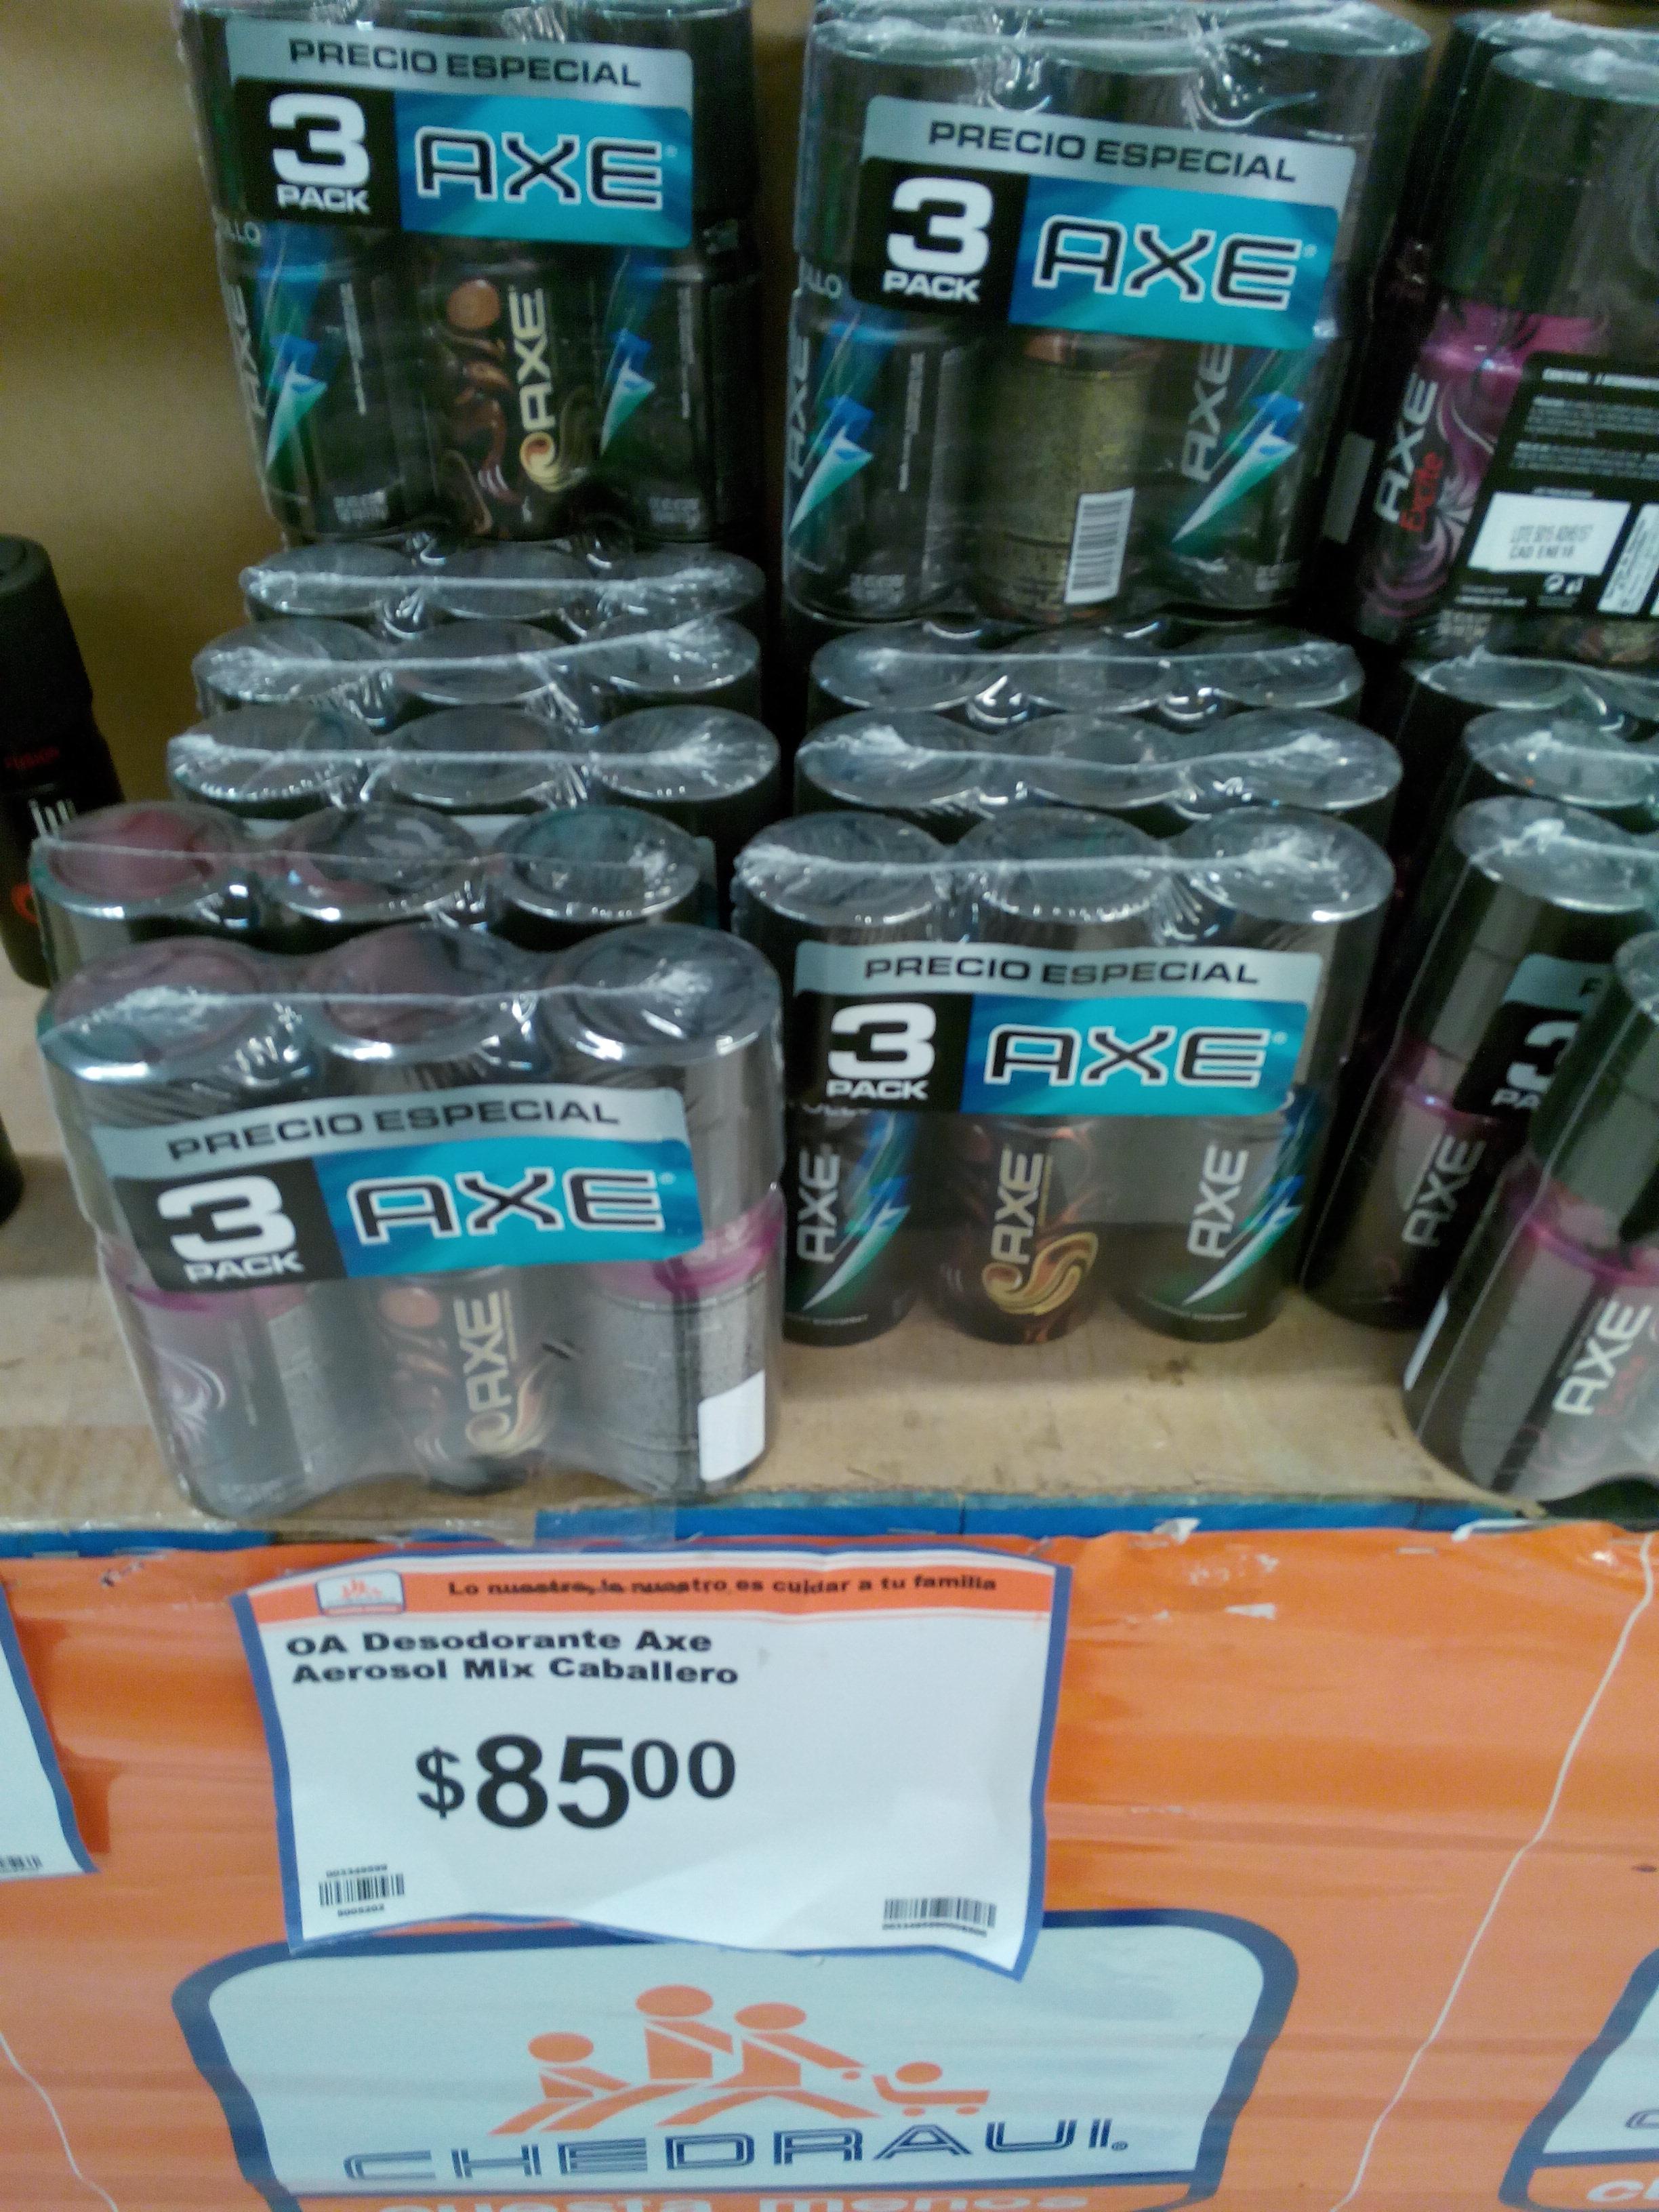 Chedraui: Desodorantes AXE 3 x $85